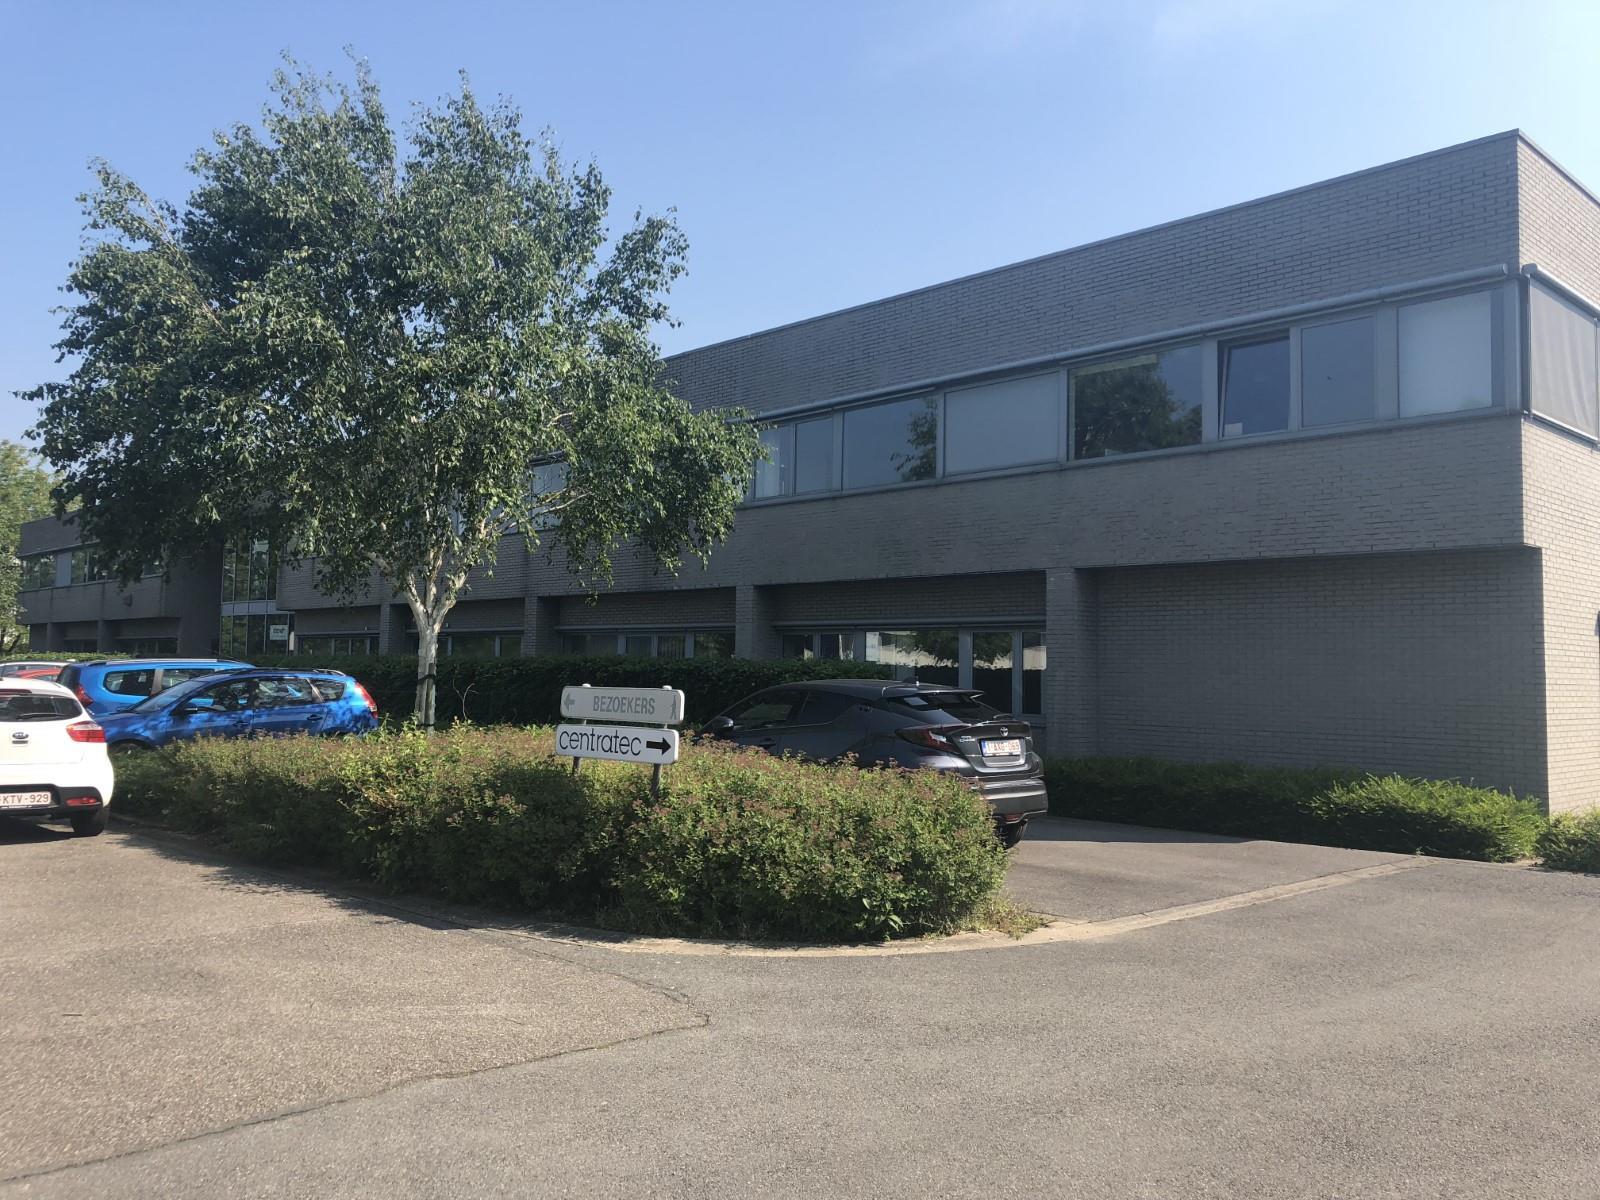 bedrijfsgebouw te huur I067TH - Zandvoortstraat 1, 2800 Mechelen, België 1